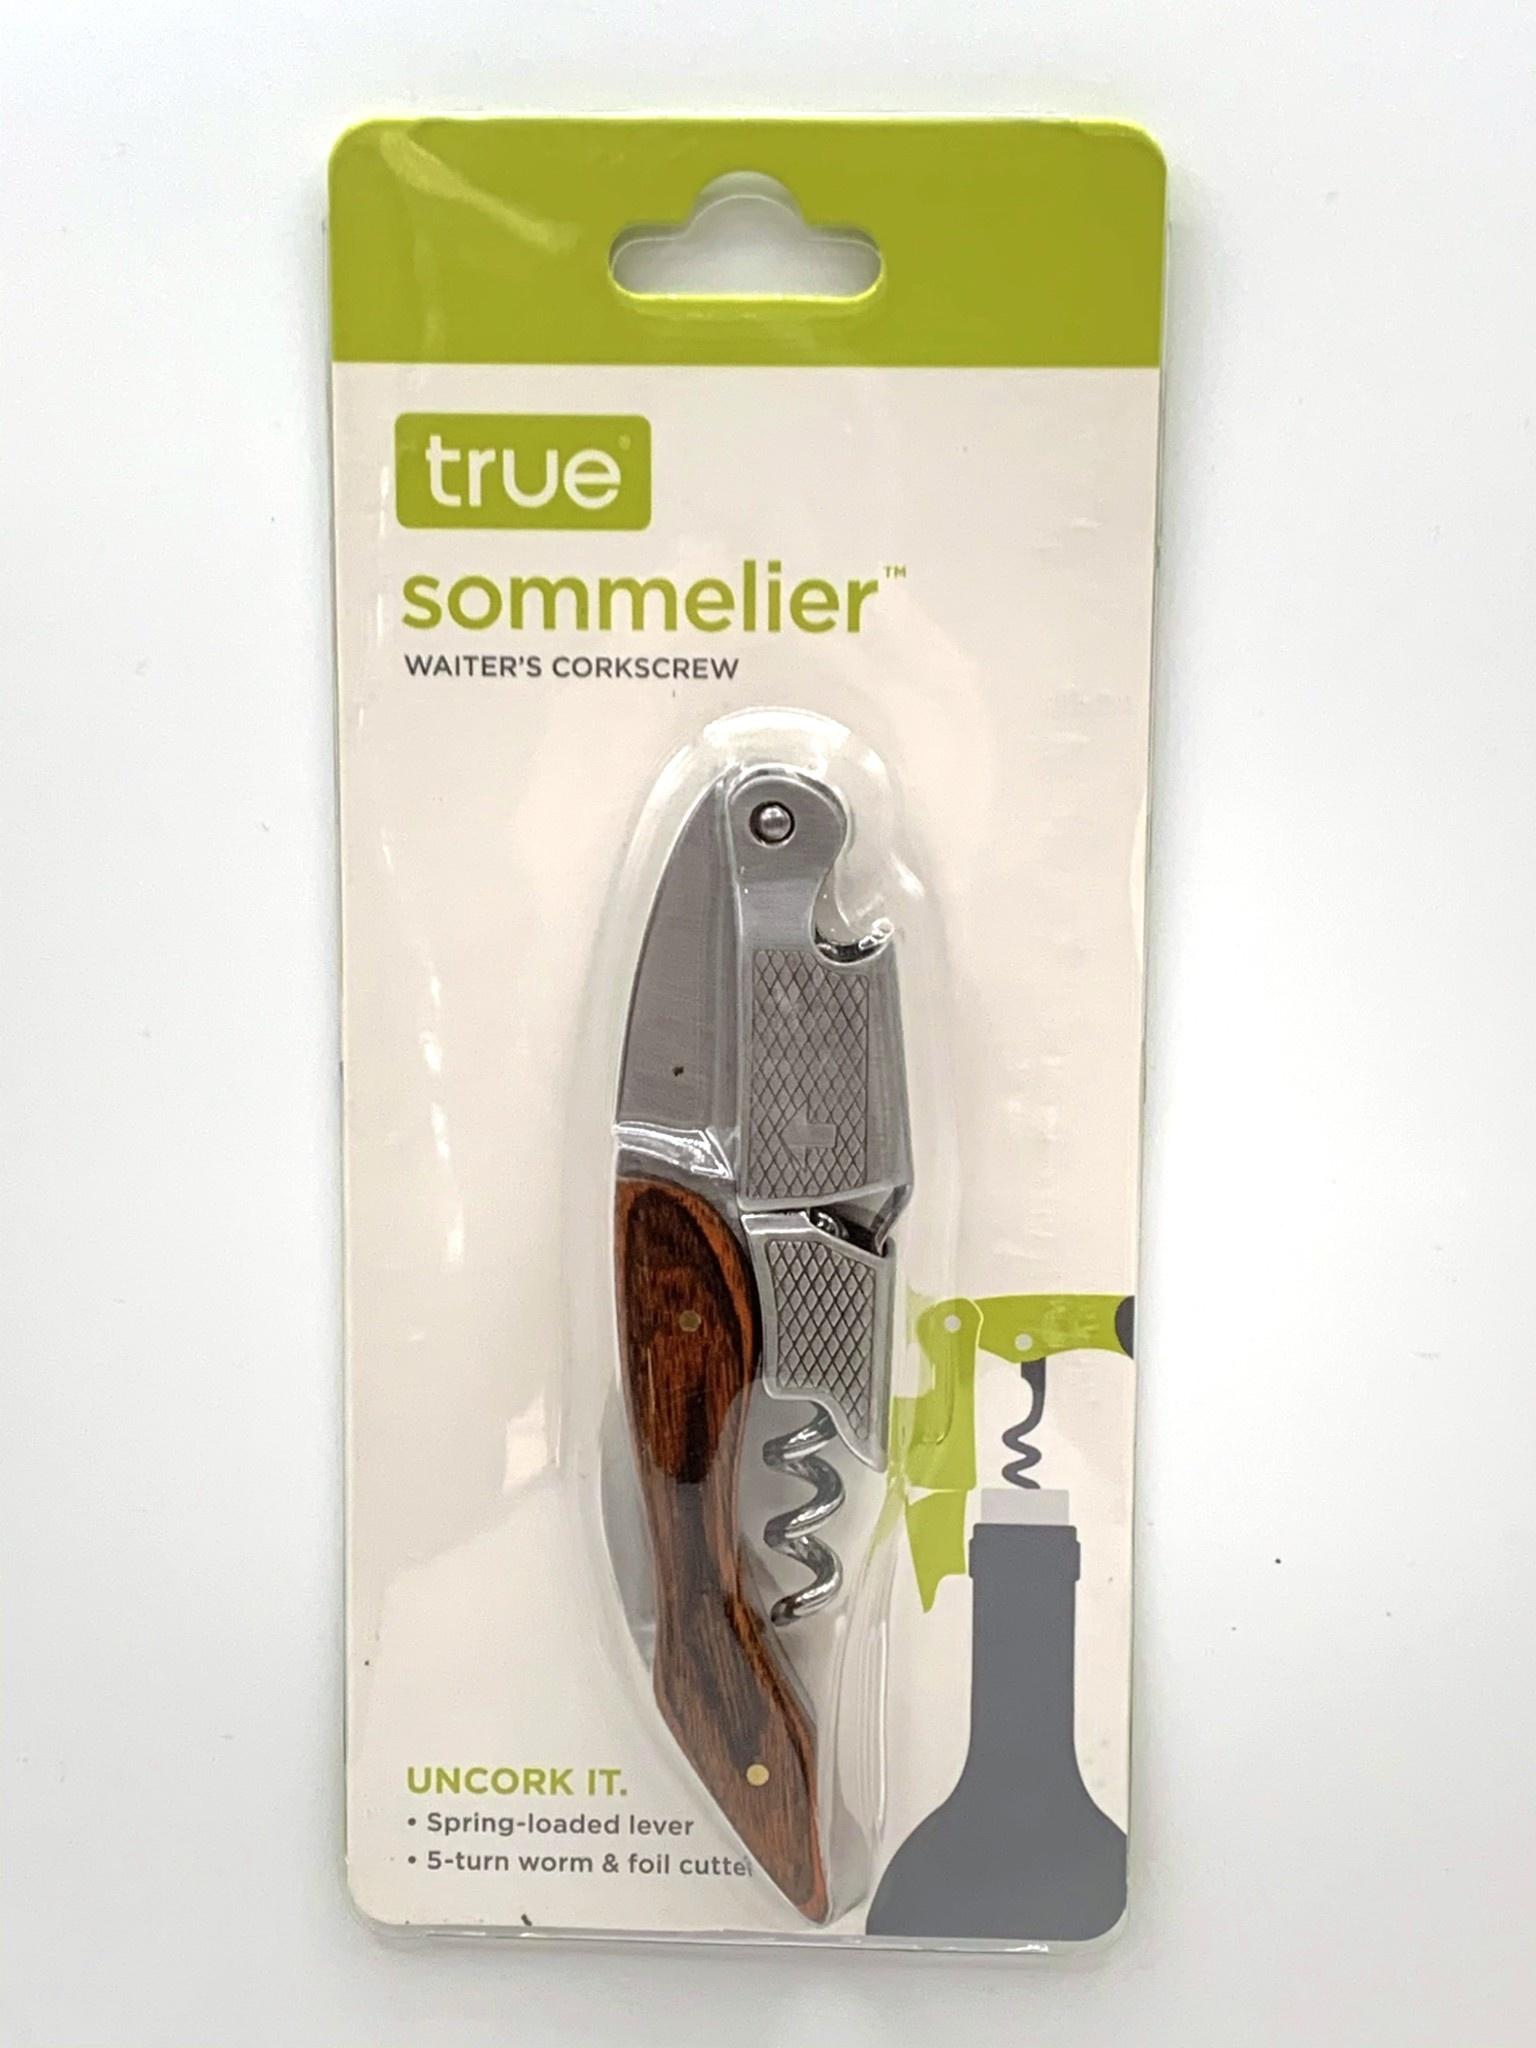 SOMMELIER Series Wood Veneer Corkscrew